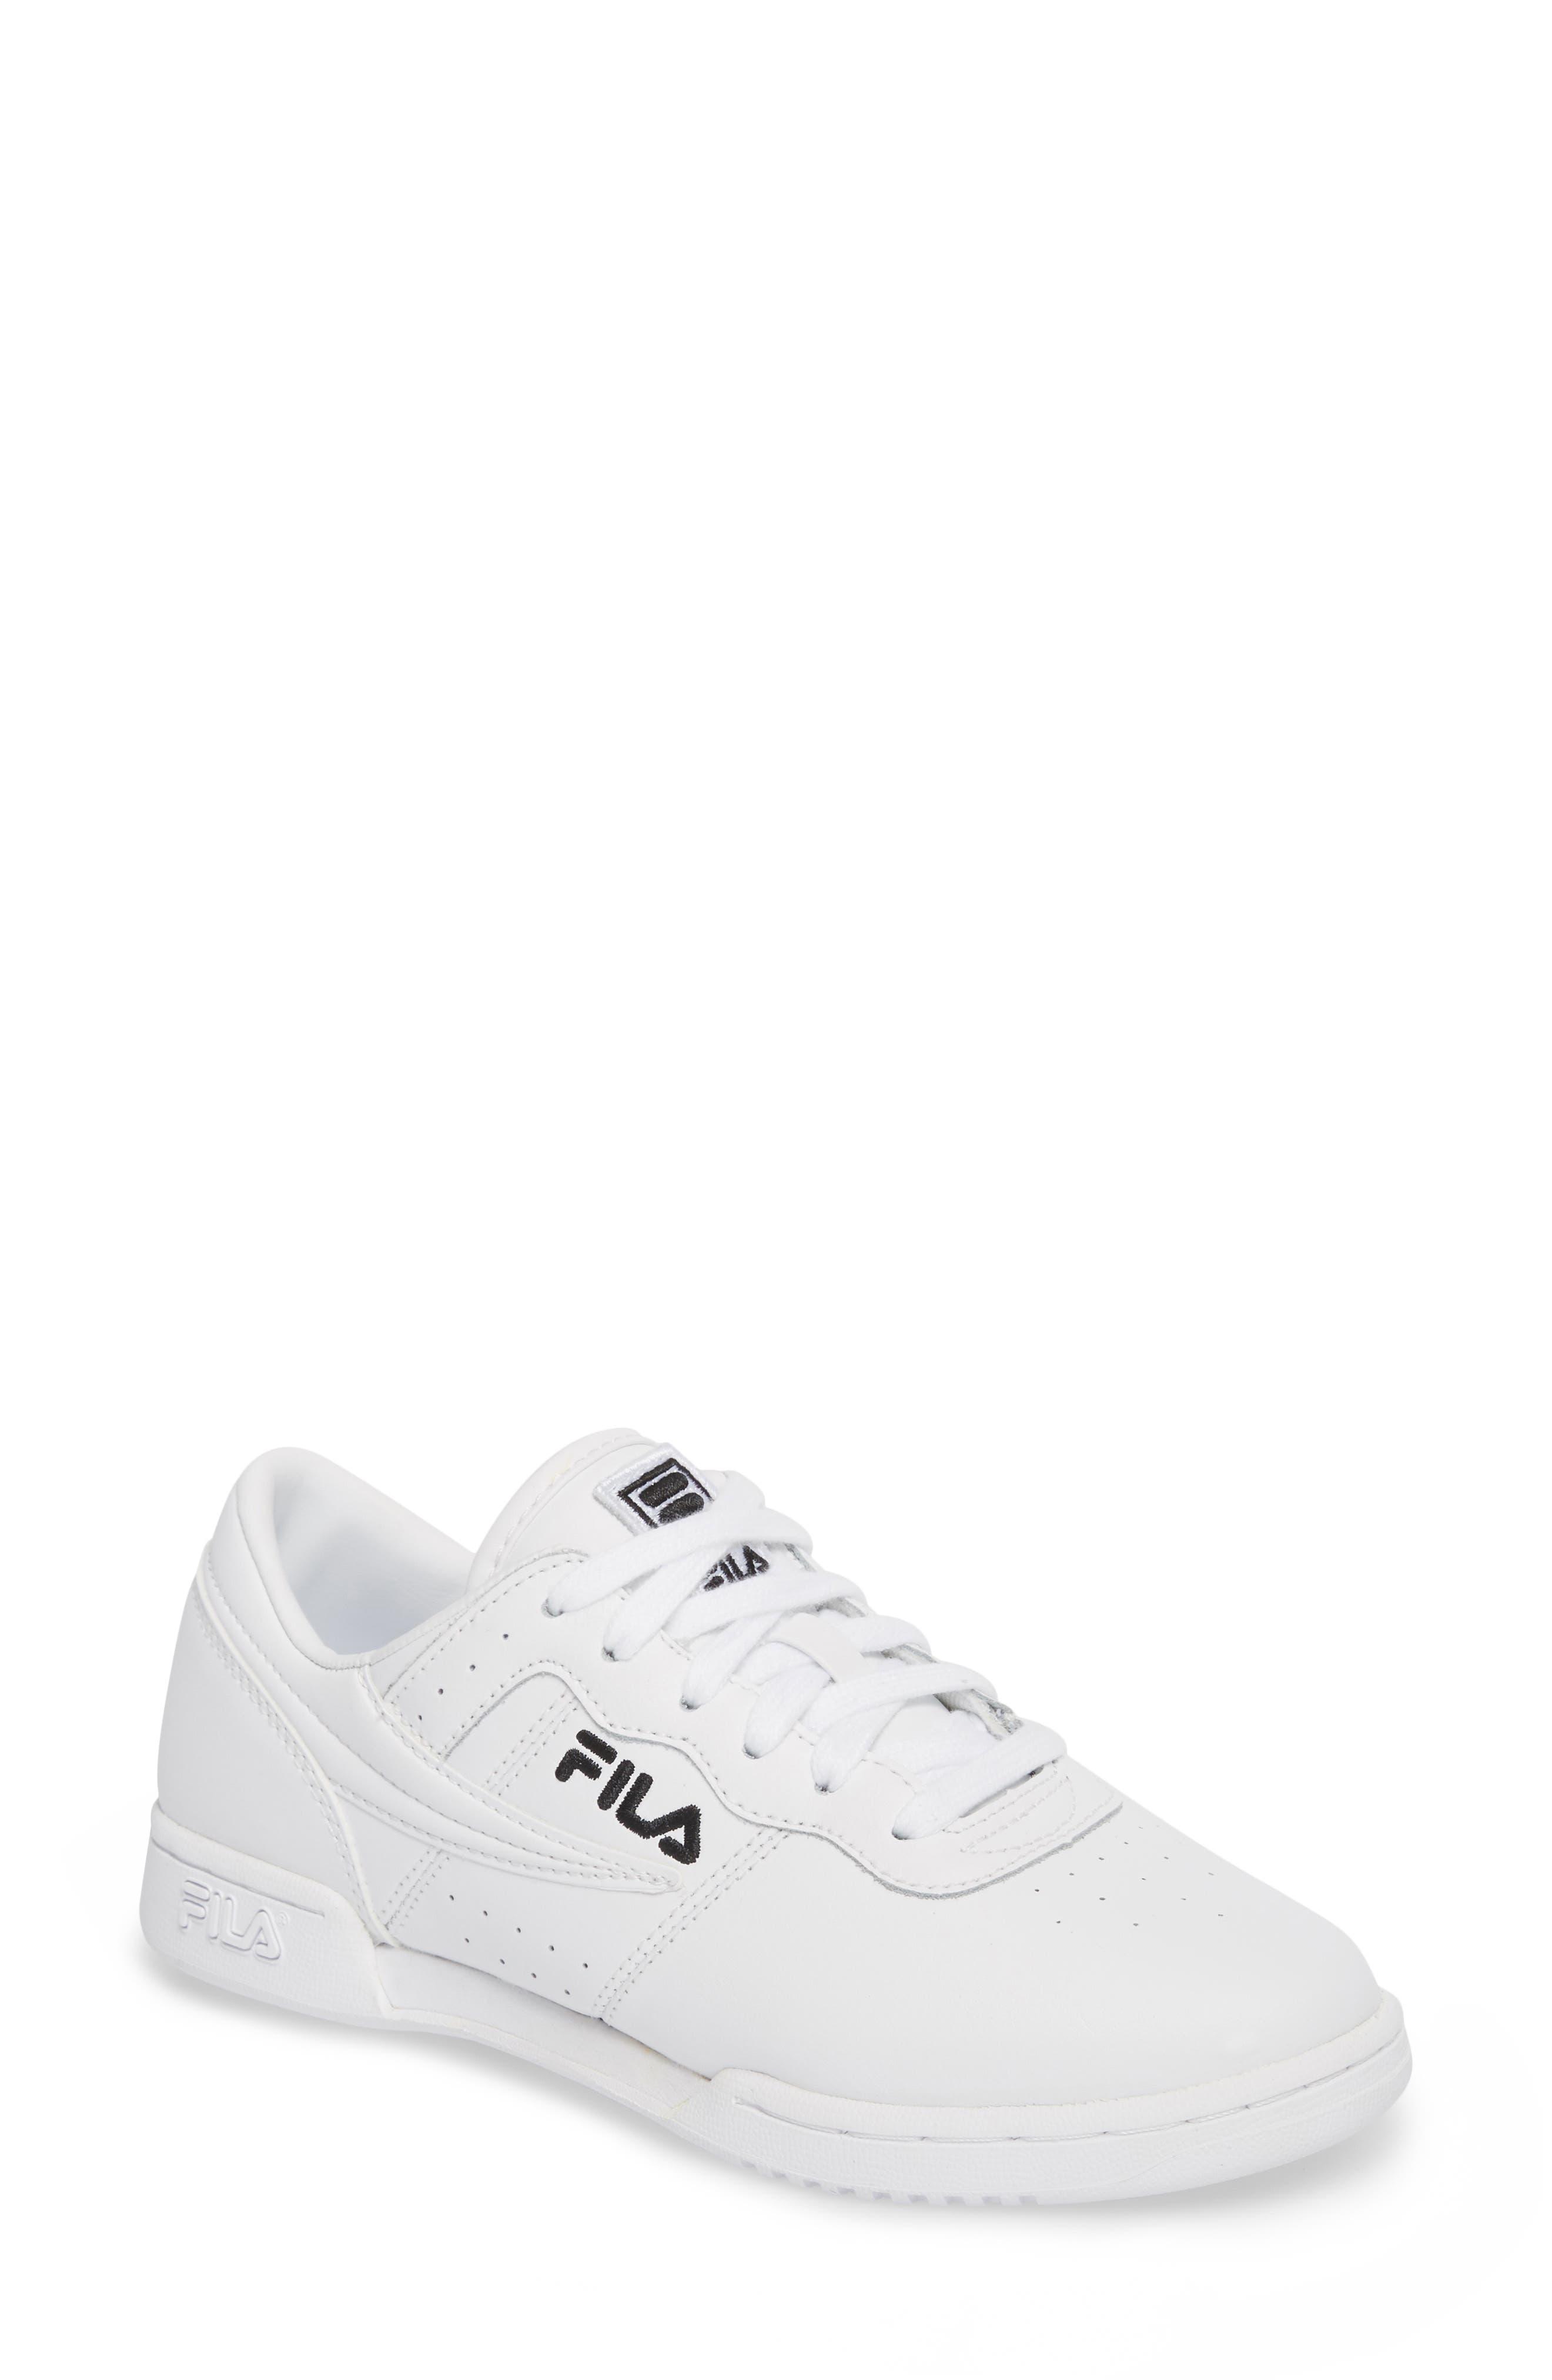 FILA Original Fitness Sneaker (Women)